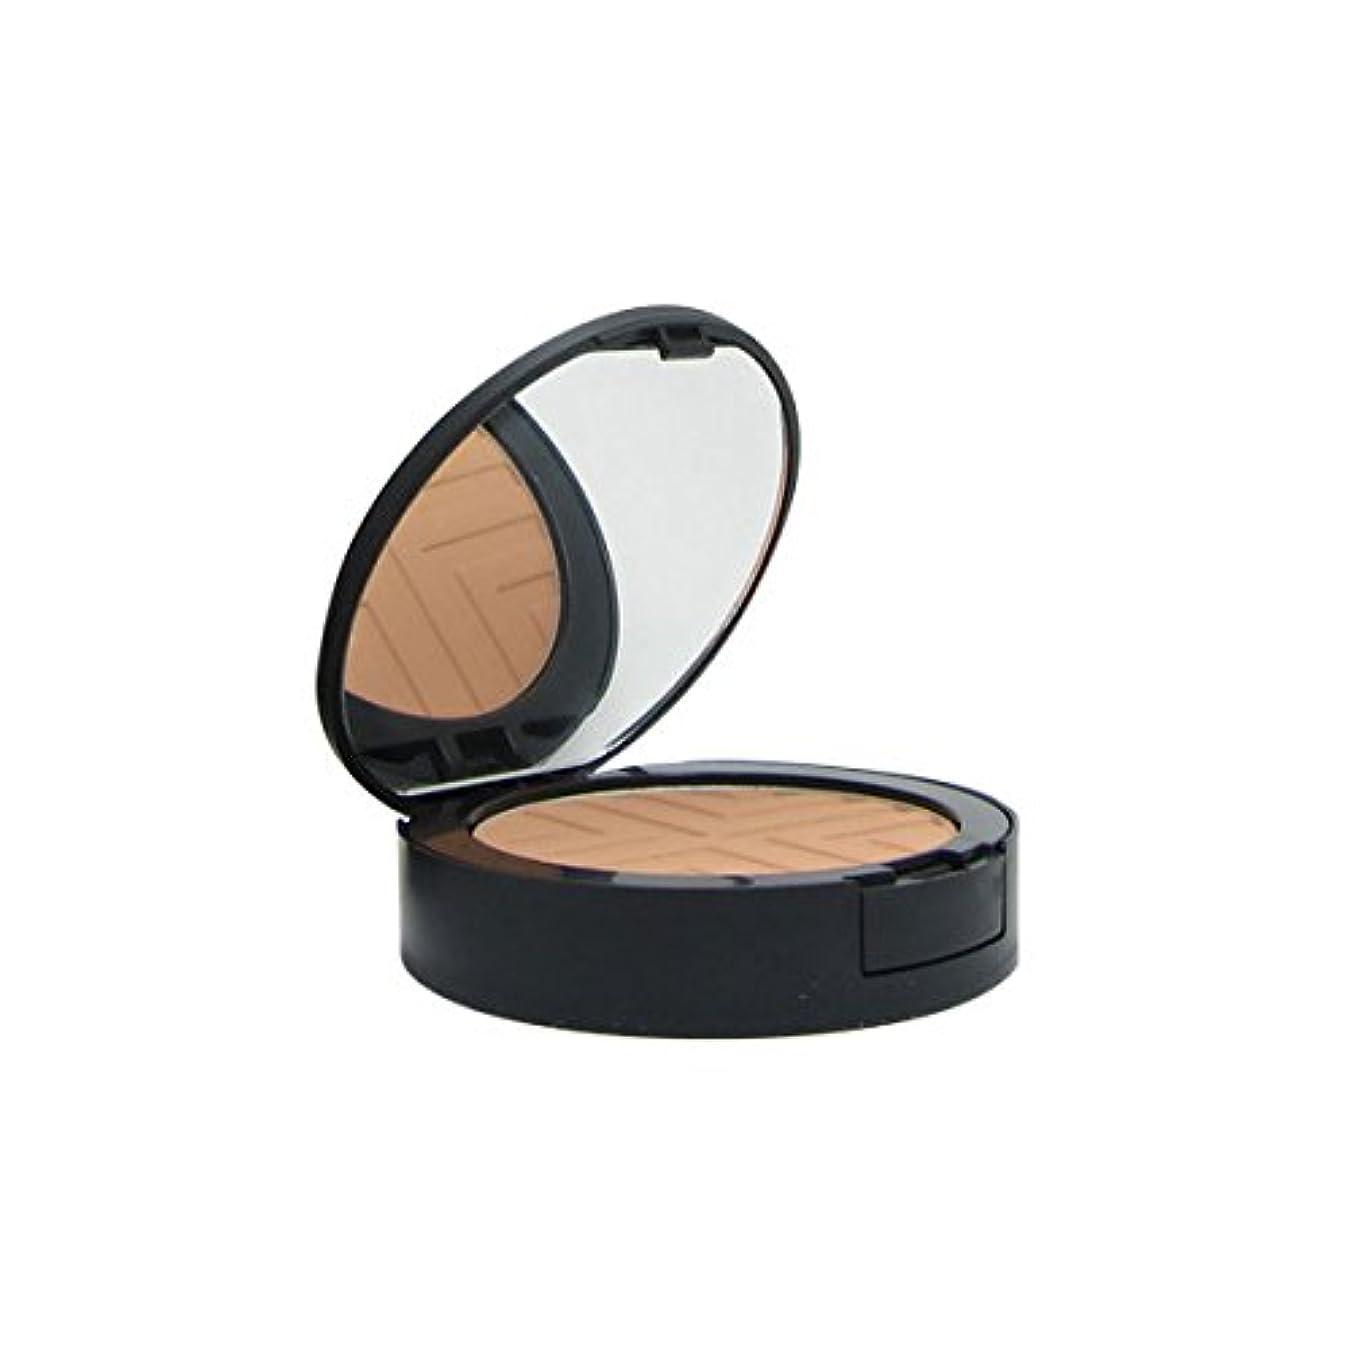 パキスタン人腫瘍ブランデーVichy Dermablend Covermatte Compact Powder Foundation 35 Sand 9,5g [並行輸入品]